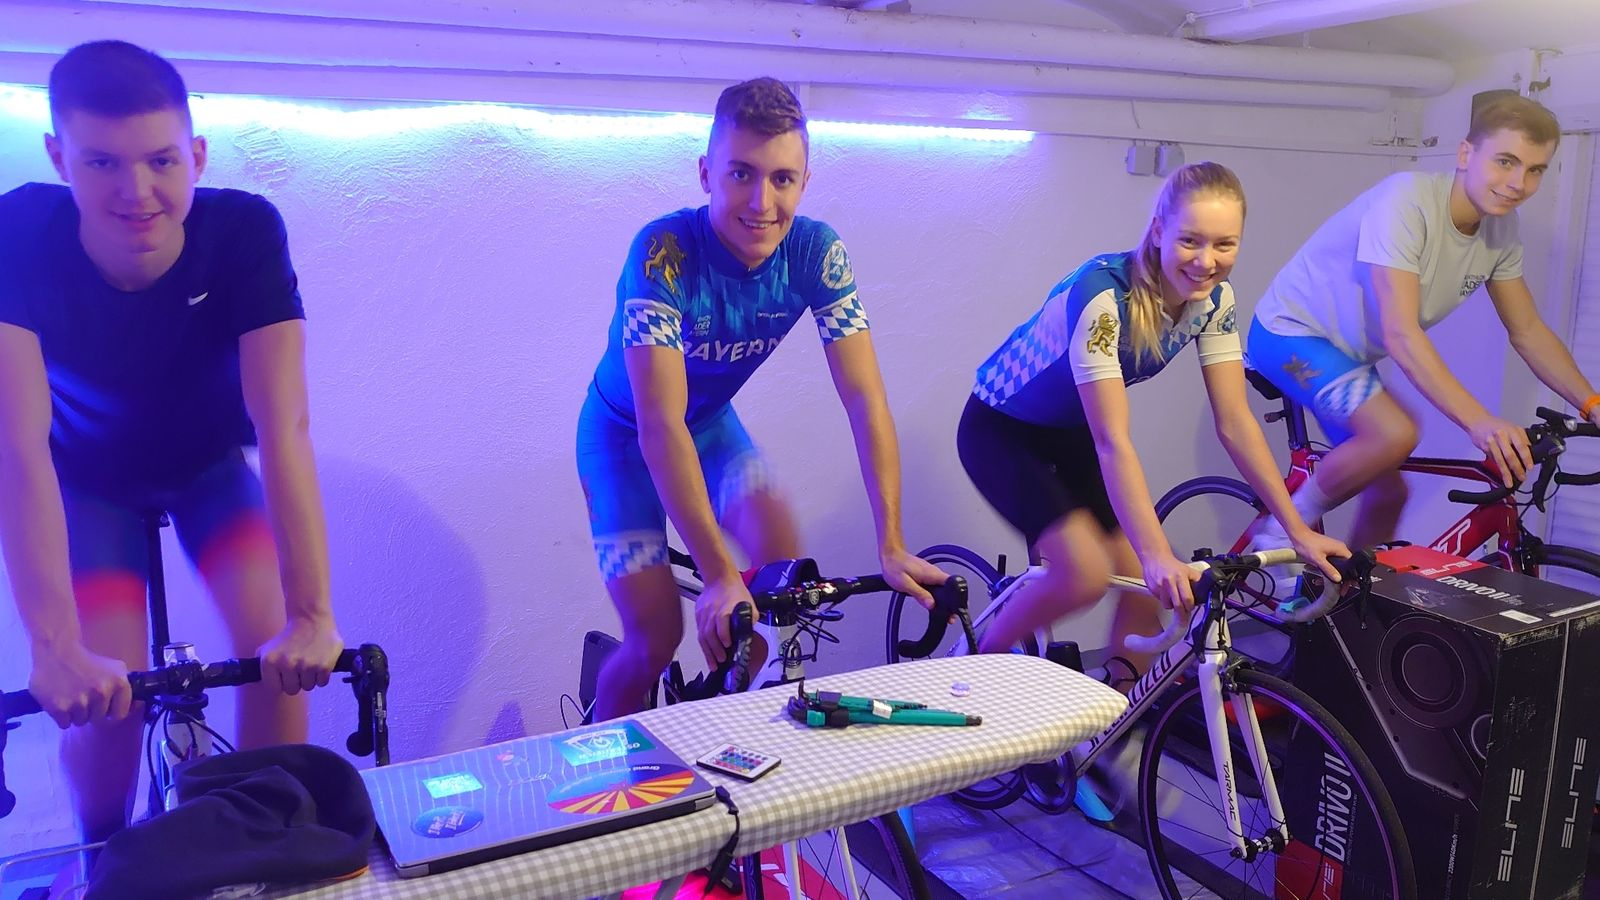 Talentförderung: Erste Triathlon-WG in Nürnberg